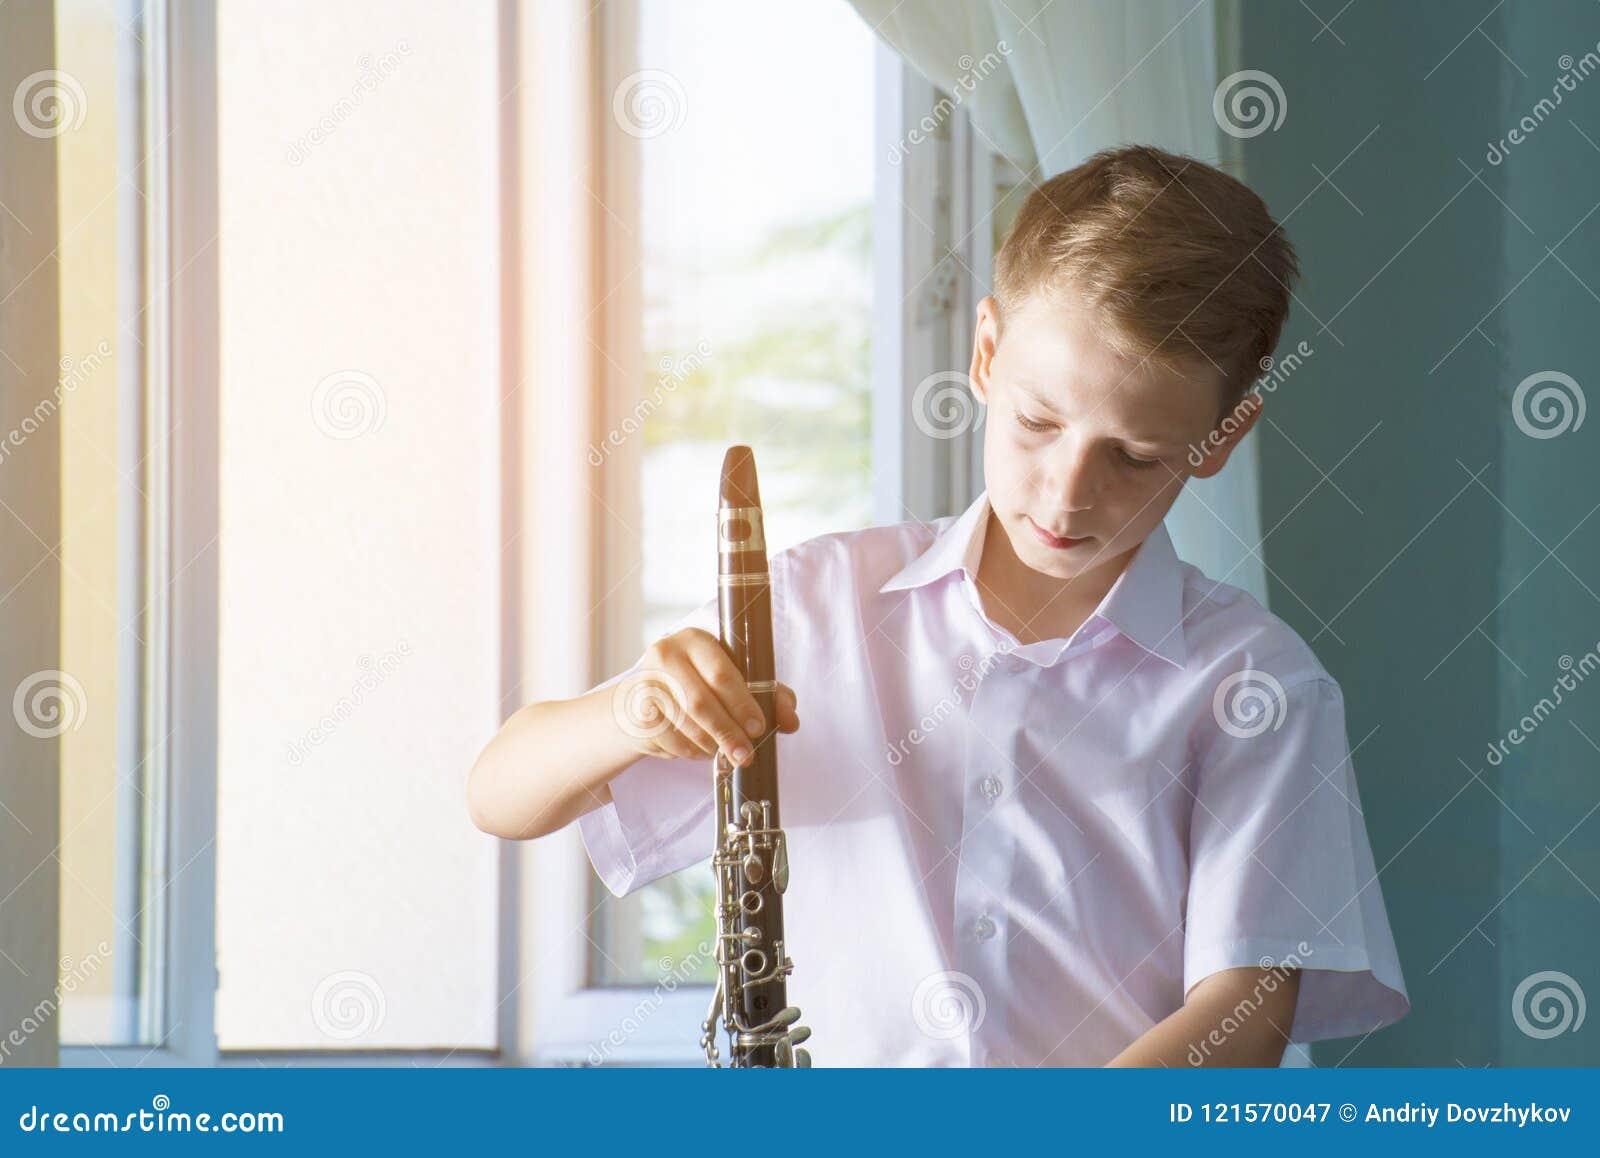 Il ragazzo sta facendo una pausa la finestra con un clarinetto nero Musicologia, istruzione di musica e istruzione